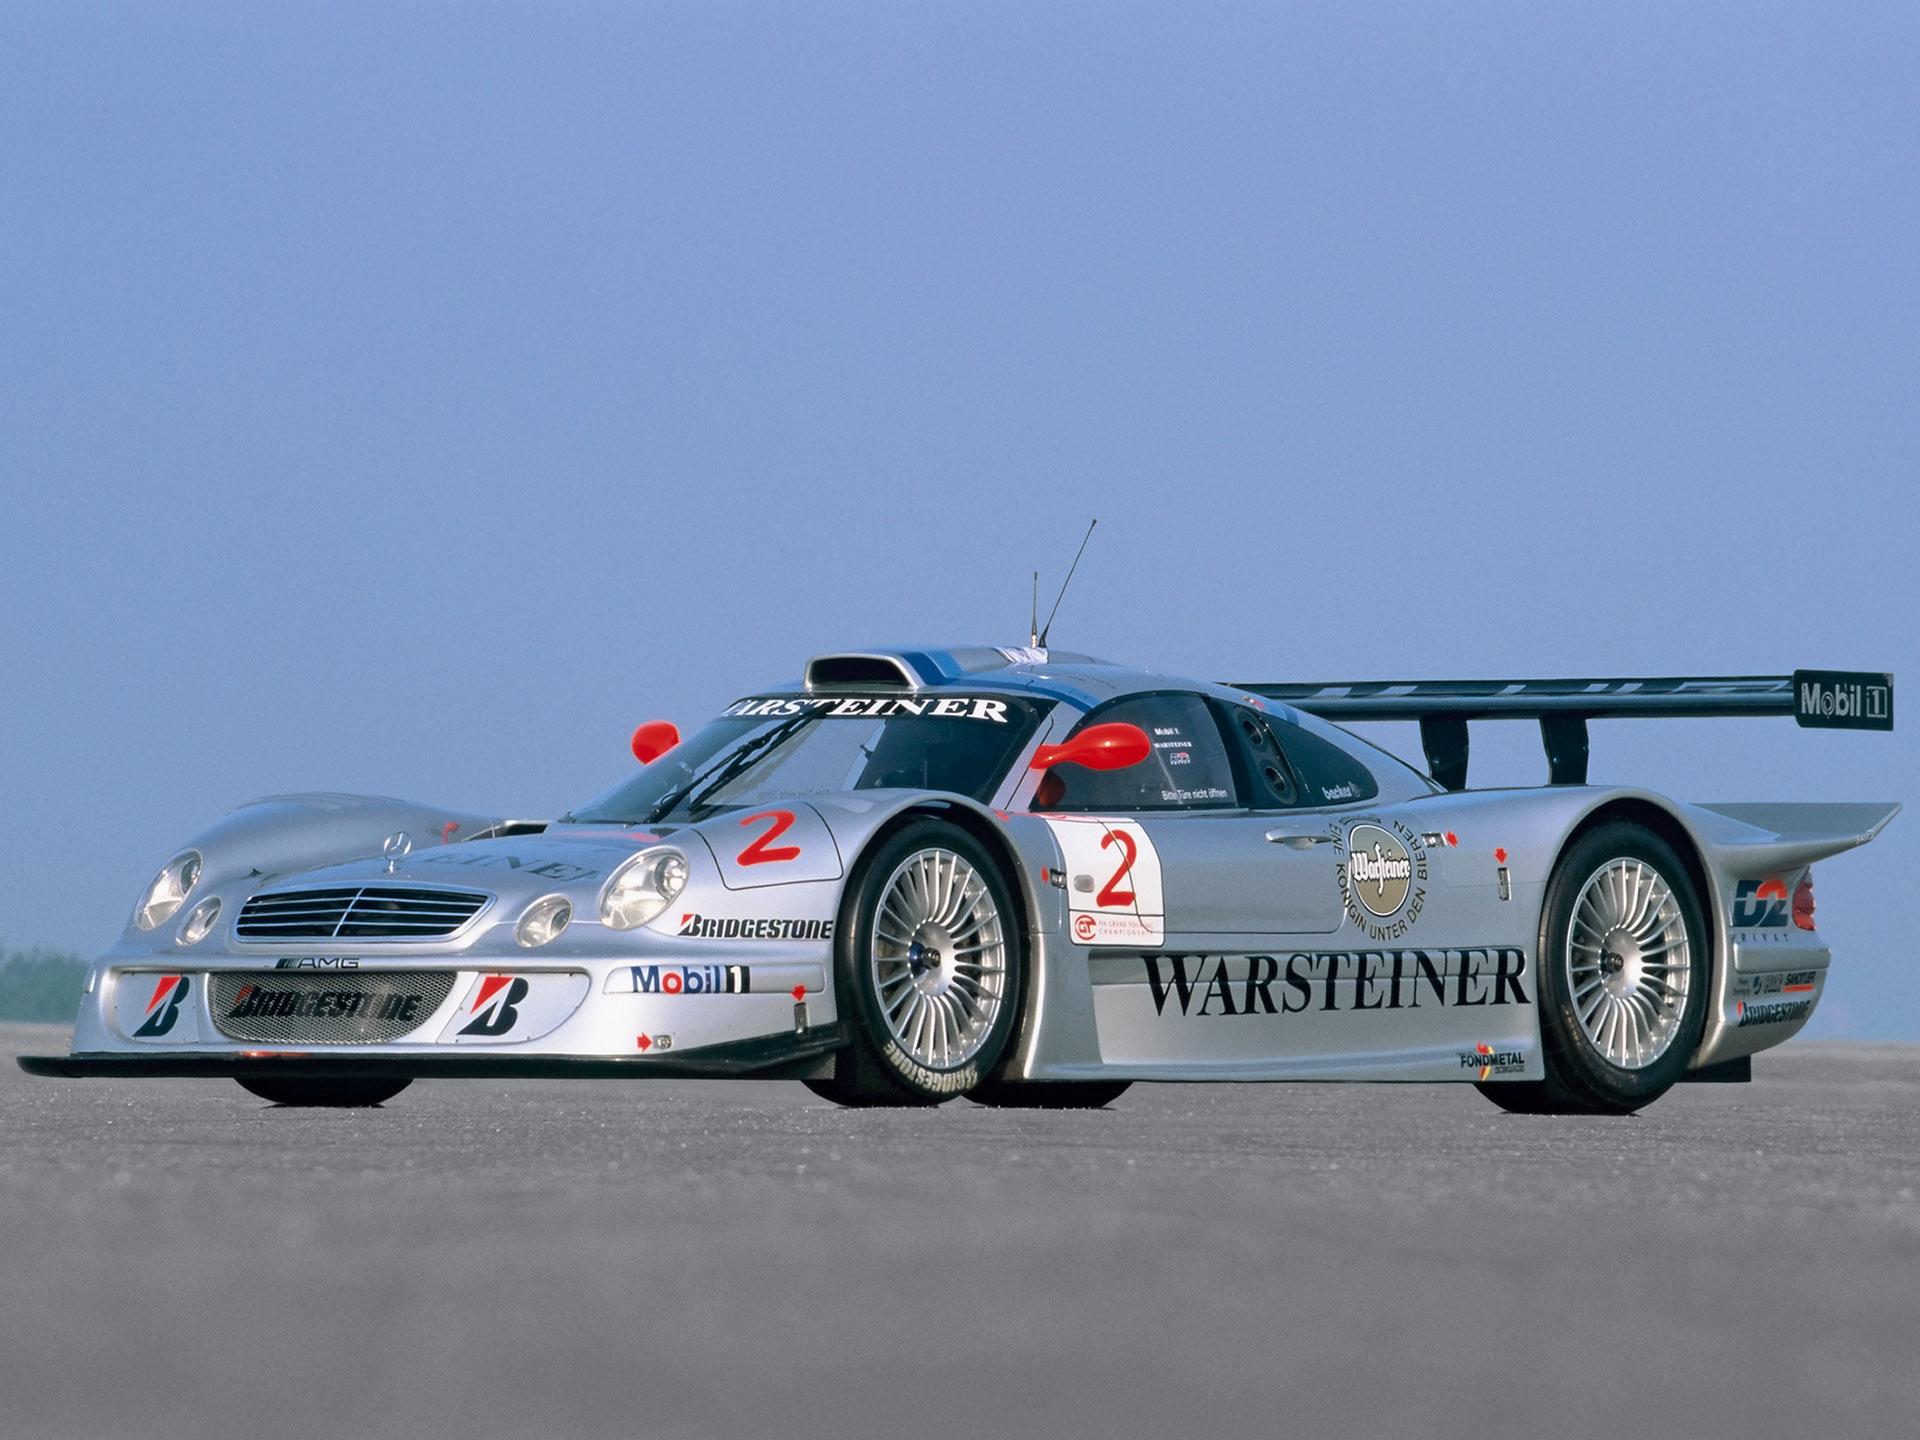 1998 Mercedes-Benz CLK GTR AMG LM | Mercedes-Benz